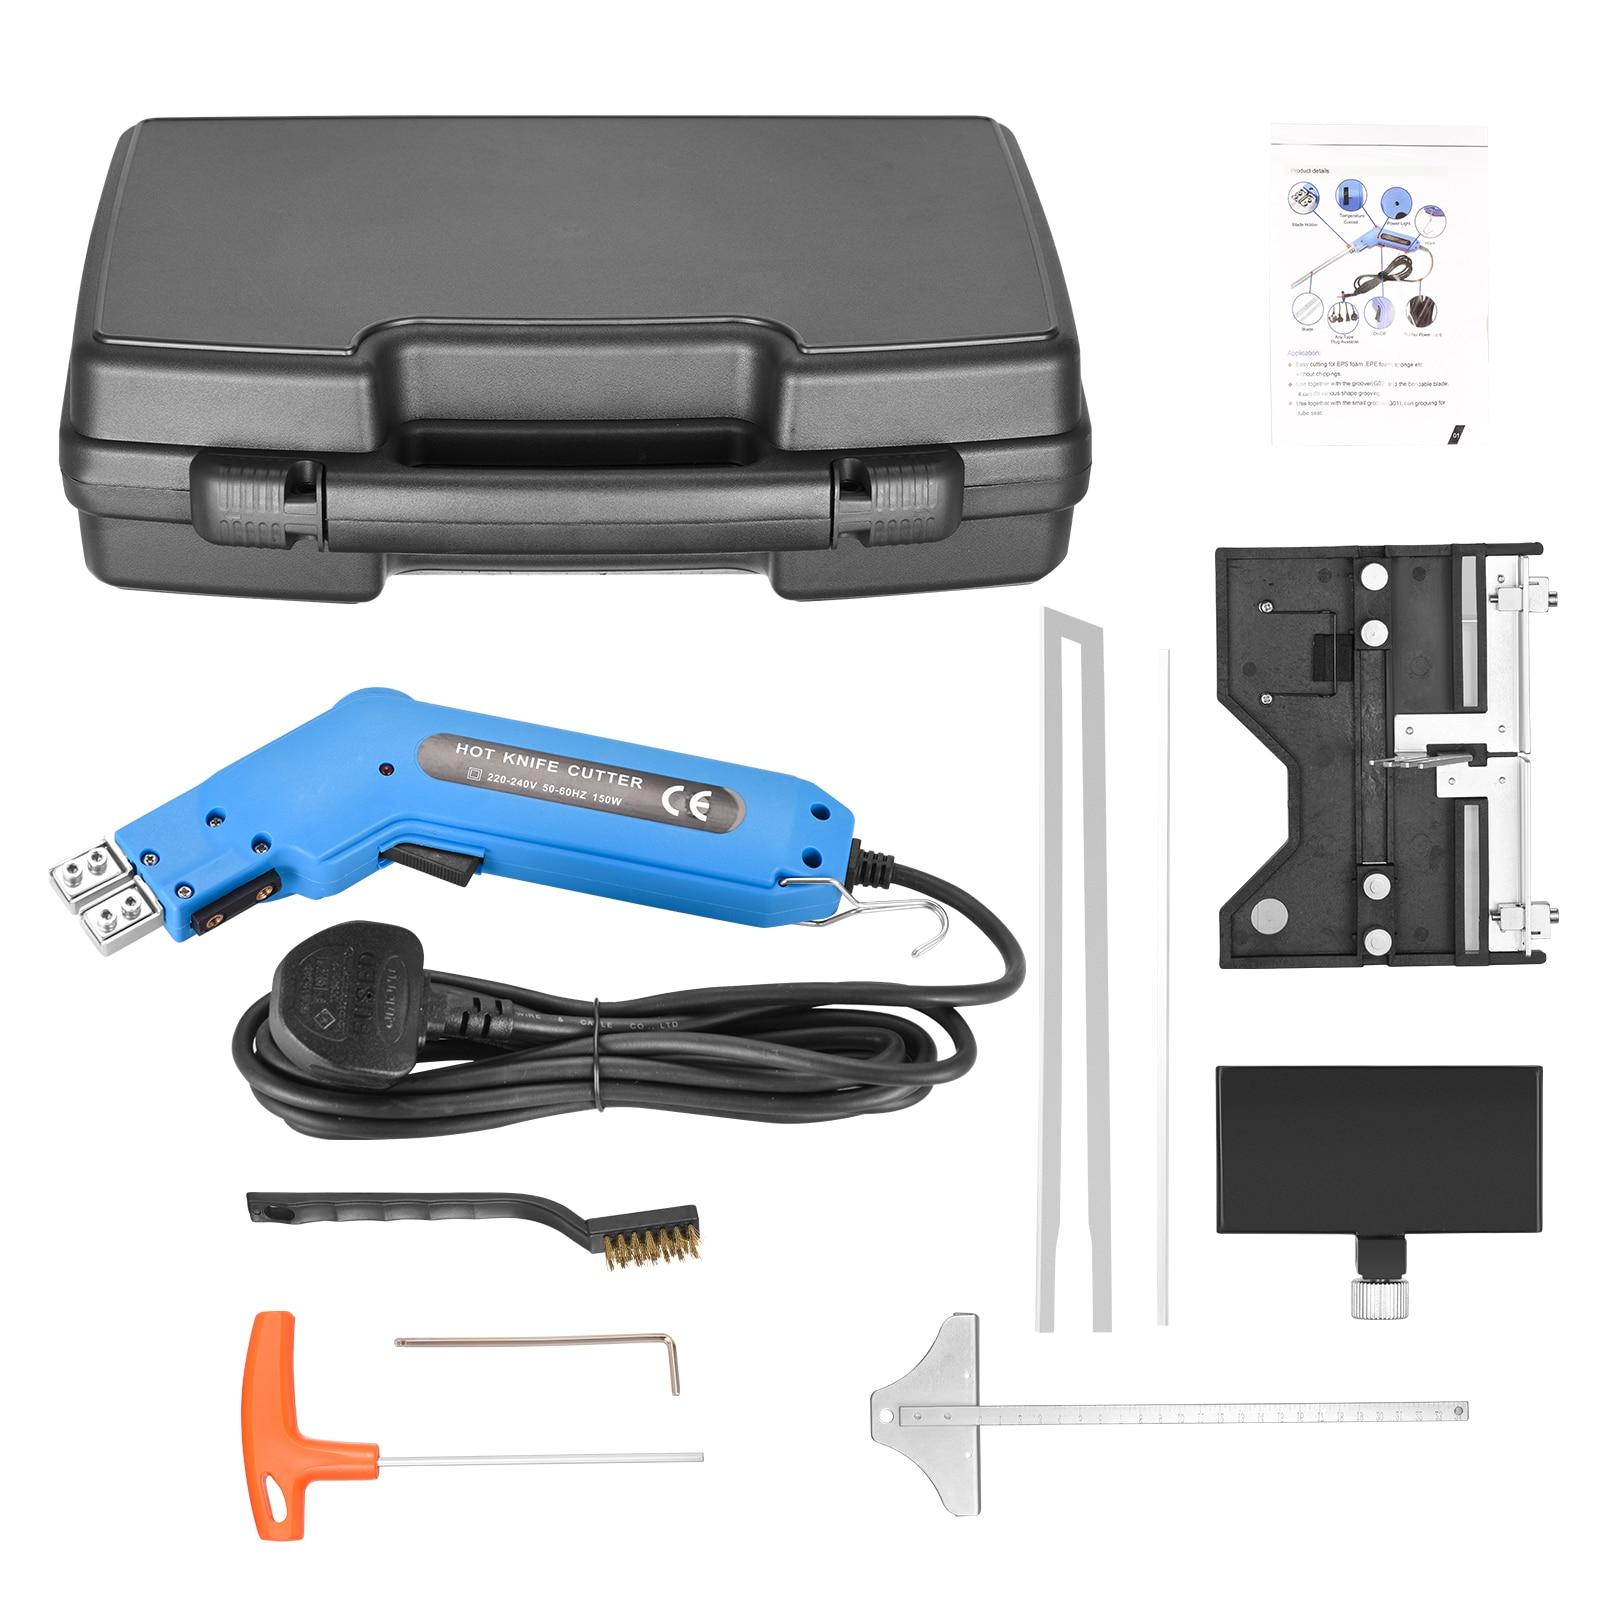 110V/150W Large Groove Electric Hot Knife Foam Cutter Heat Wire Grooving Cutting Tool Foam Cut Pen Sponge Insulation KT Board